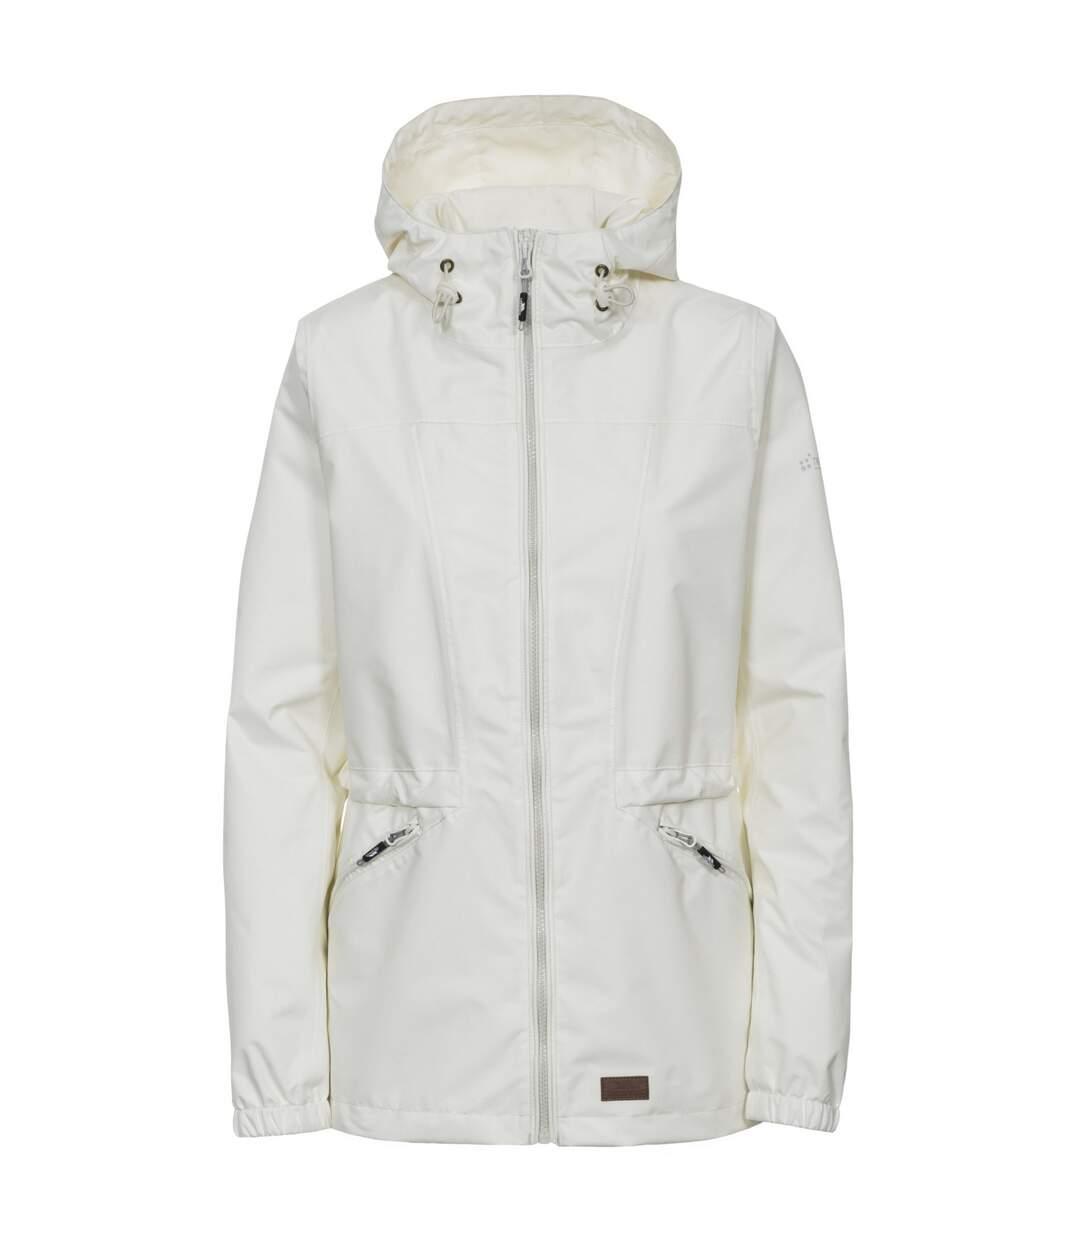 Trespass Womens/Ladies Cruella Waterproof Jacket (Cream) - UTTP4017